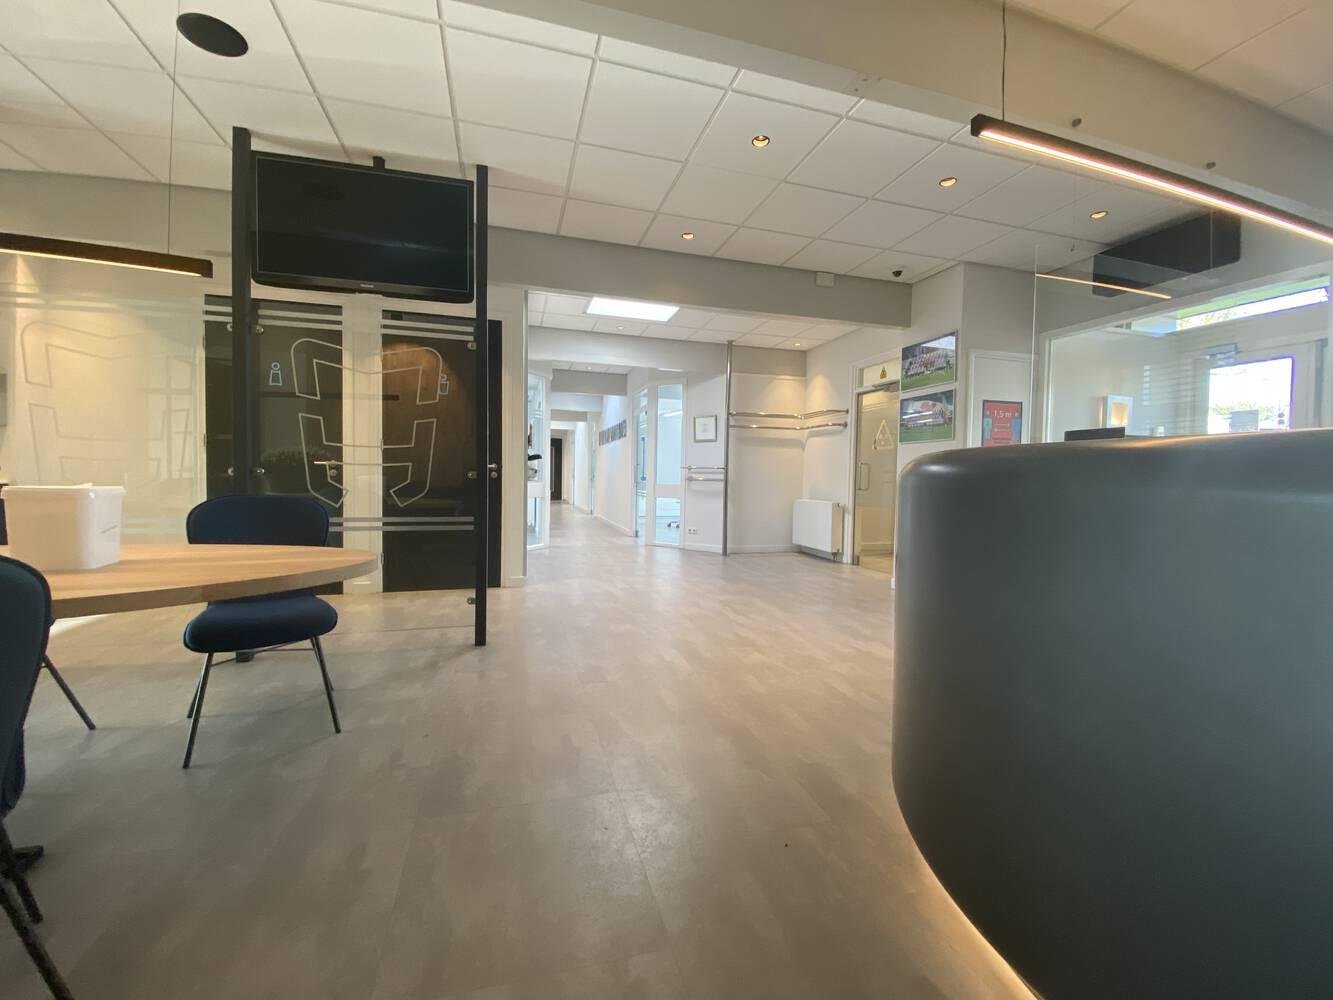 Praktijkonderzoek geluidsklachten in tandartsenpraktijk Heerenveen